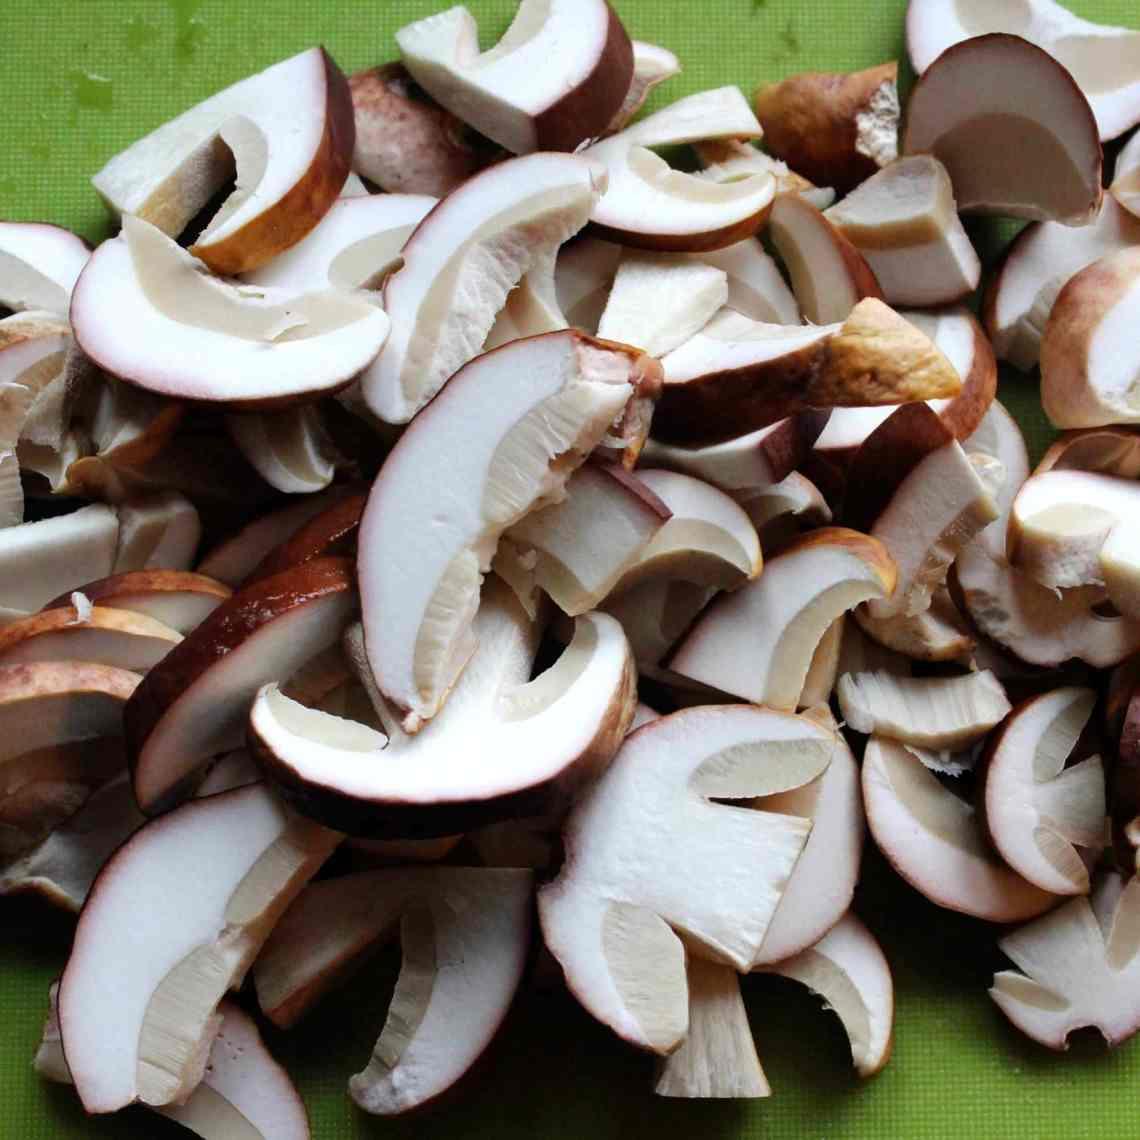 Efterår er svampetid – lav retter med svampe, sylt eller tør dine svampe og gem dem til senere. Find opskrifter og inspiration til årets gang på danishthings.com #DanishThings #svampe #karl-johan #spisesvampe #svampe-a-la-creme #svampe-toast #svampetoast #svampesauce #svampepulver #tørrede-svampe #svampetærte #efterår #lækkert #umami